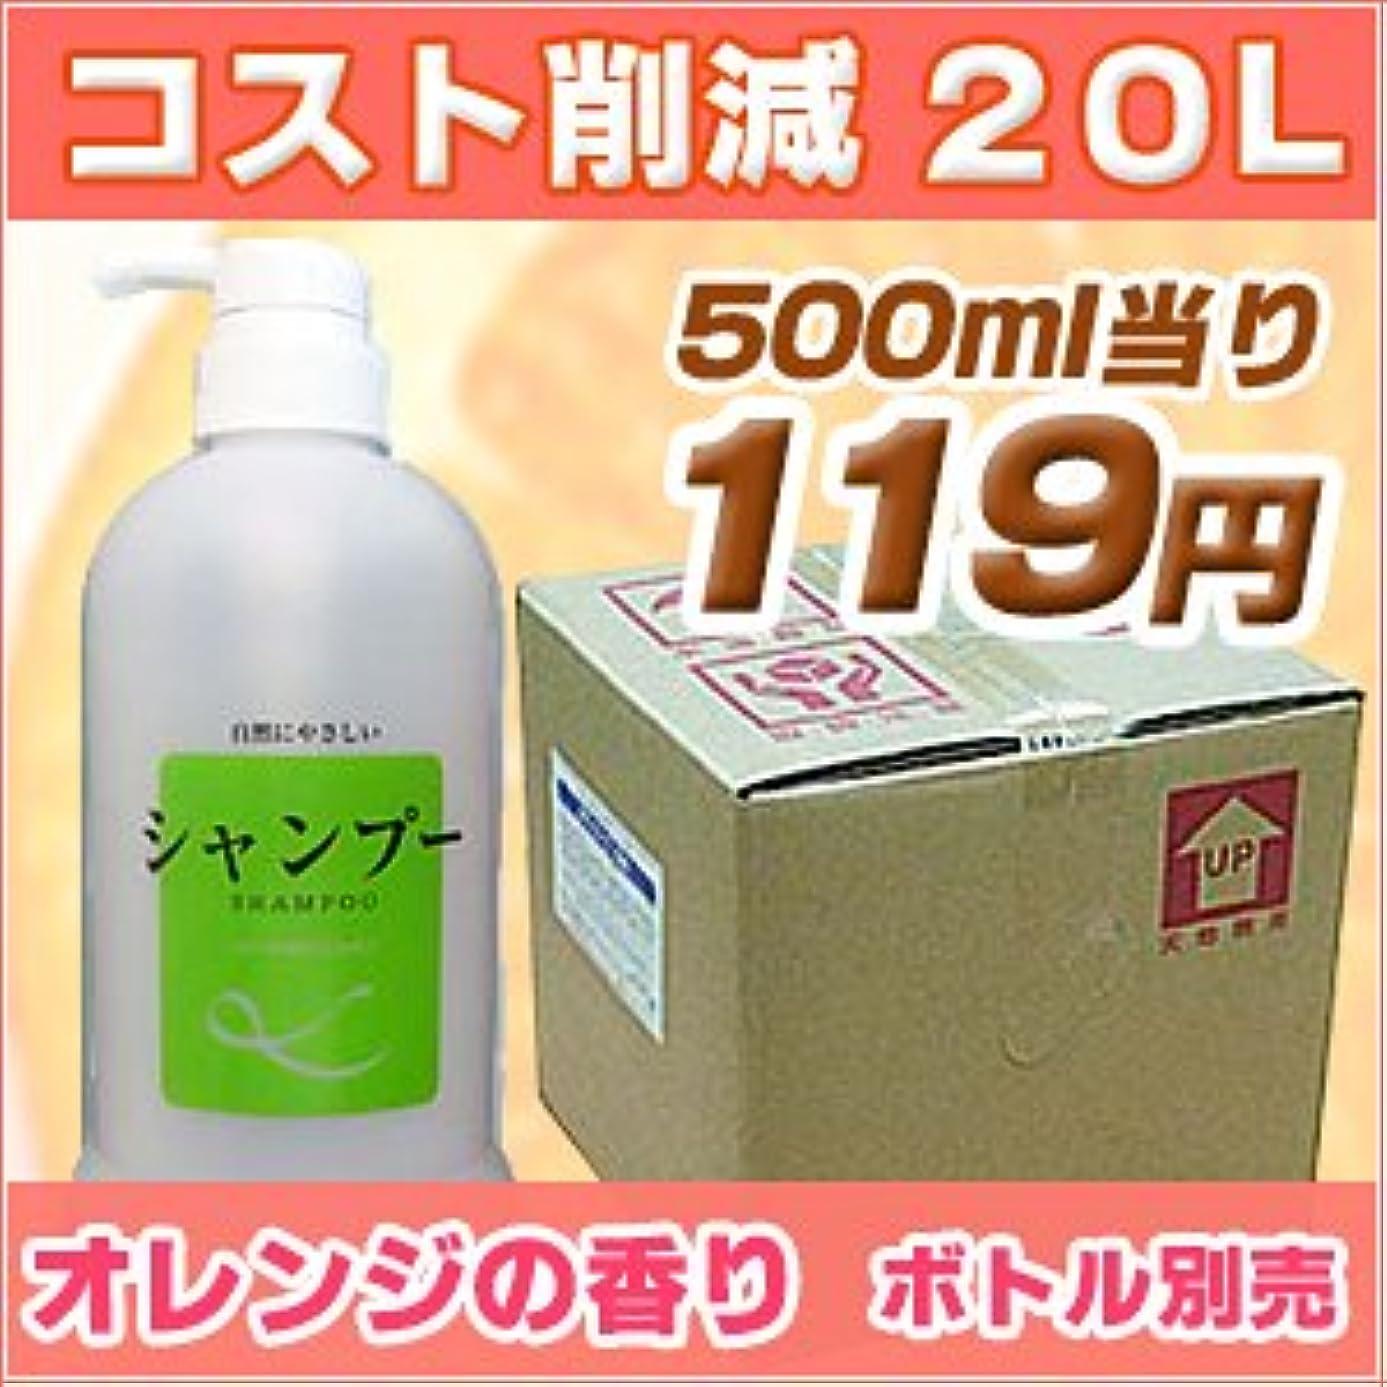 崩壊マウスピース欺業務用 シャンプー Windhill 植物性オレンジの香り 20L(1セット20L入)